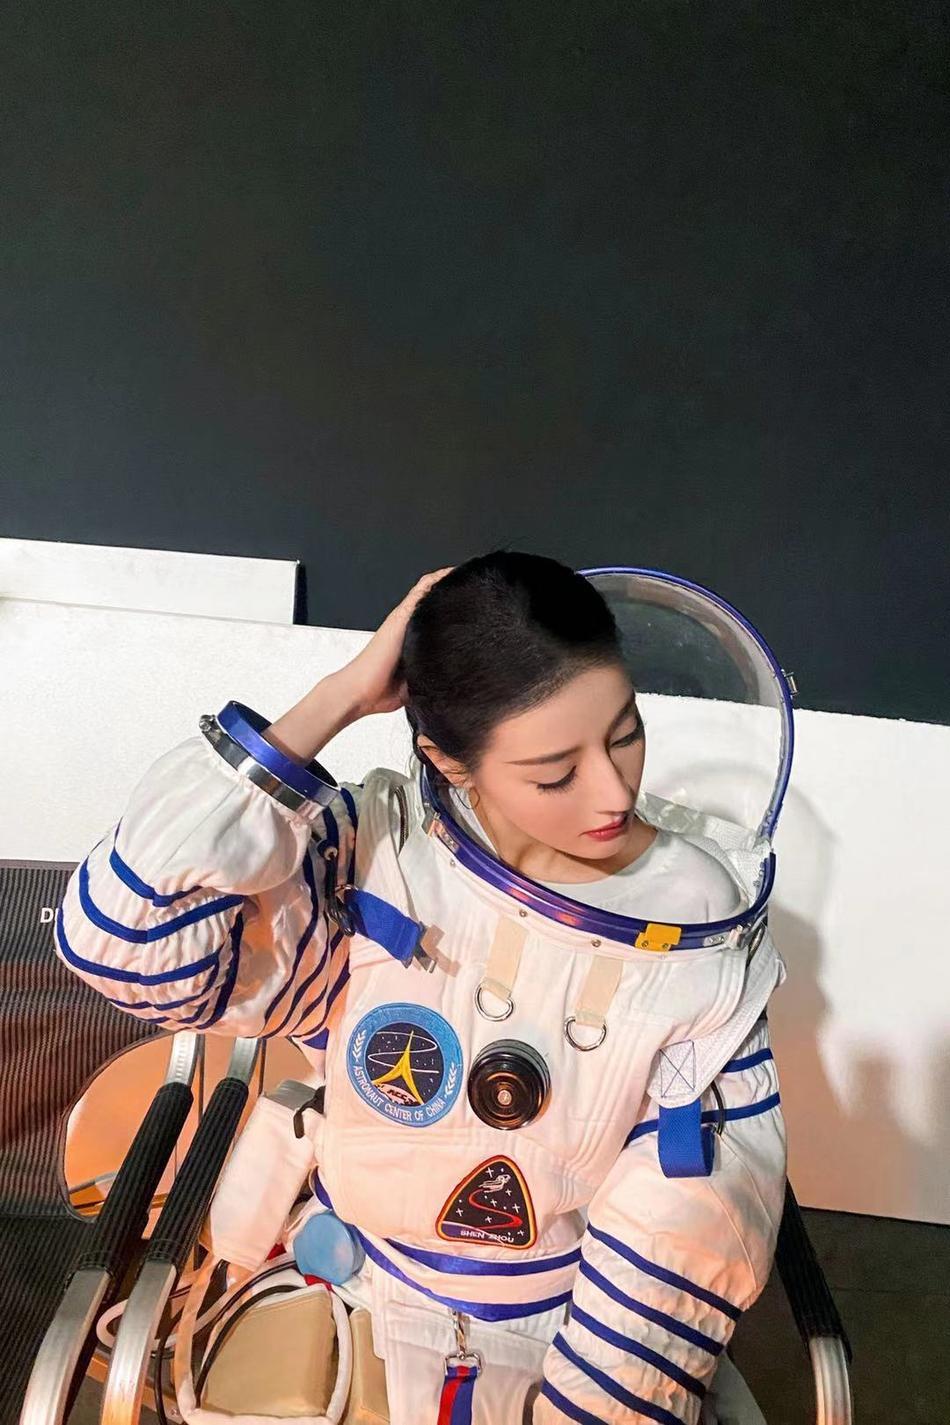 迪丽热巴宇航服造型 和葛优形成反差萌太可爱